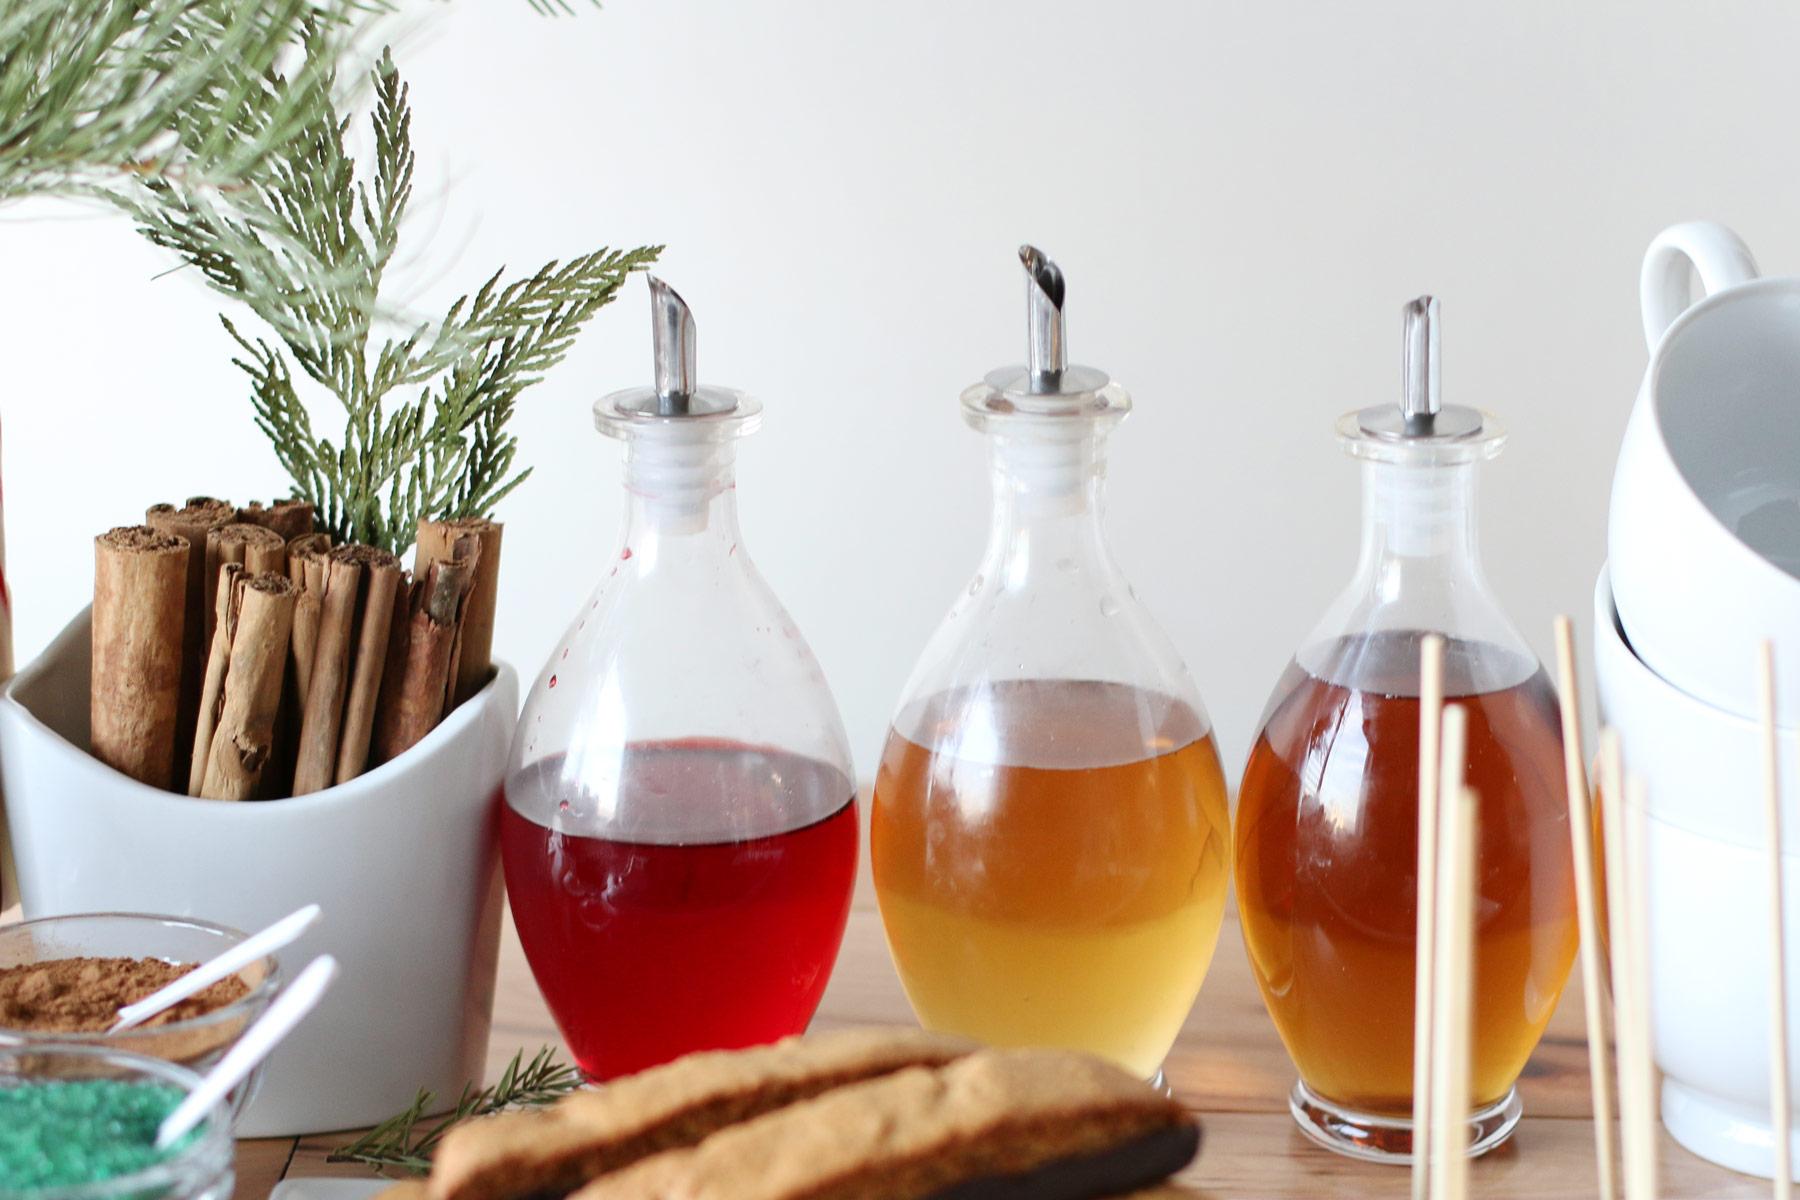 различные сиропы в бутылочках маслёнки корица